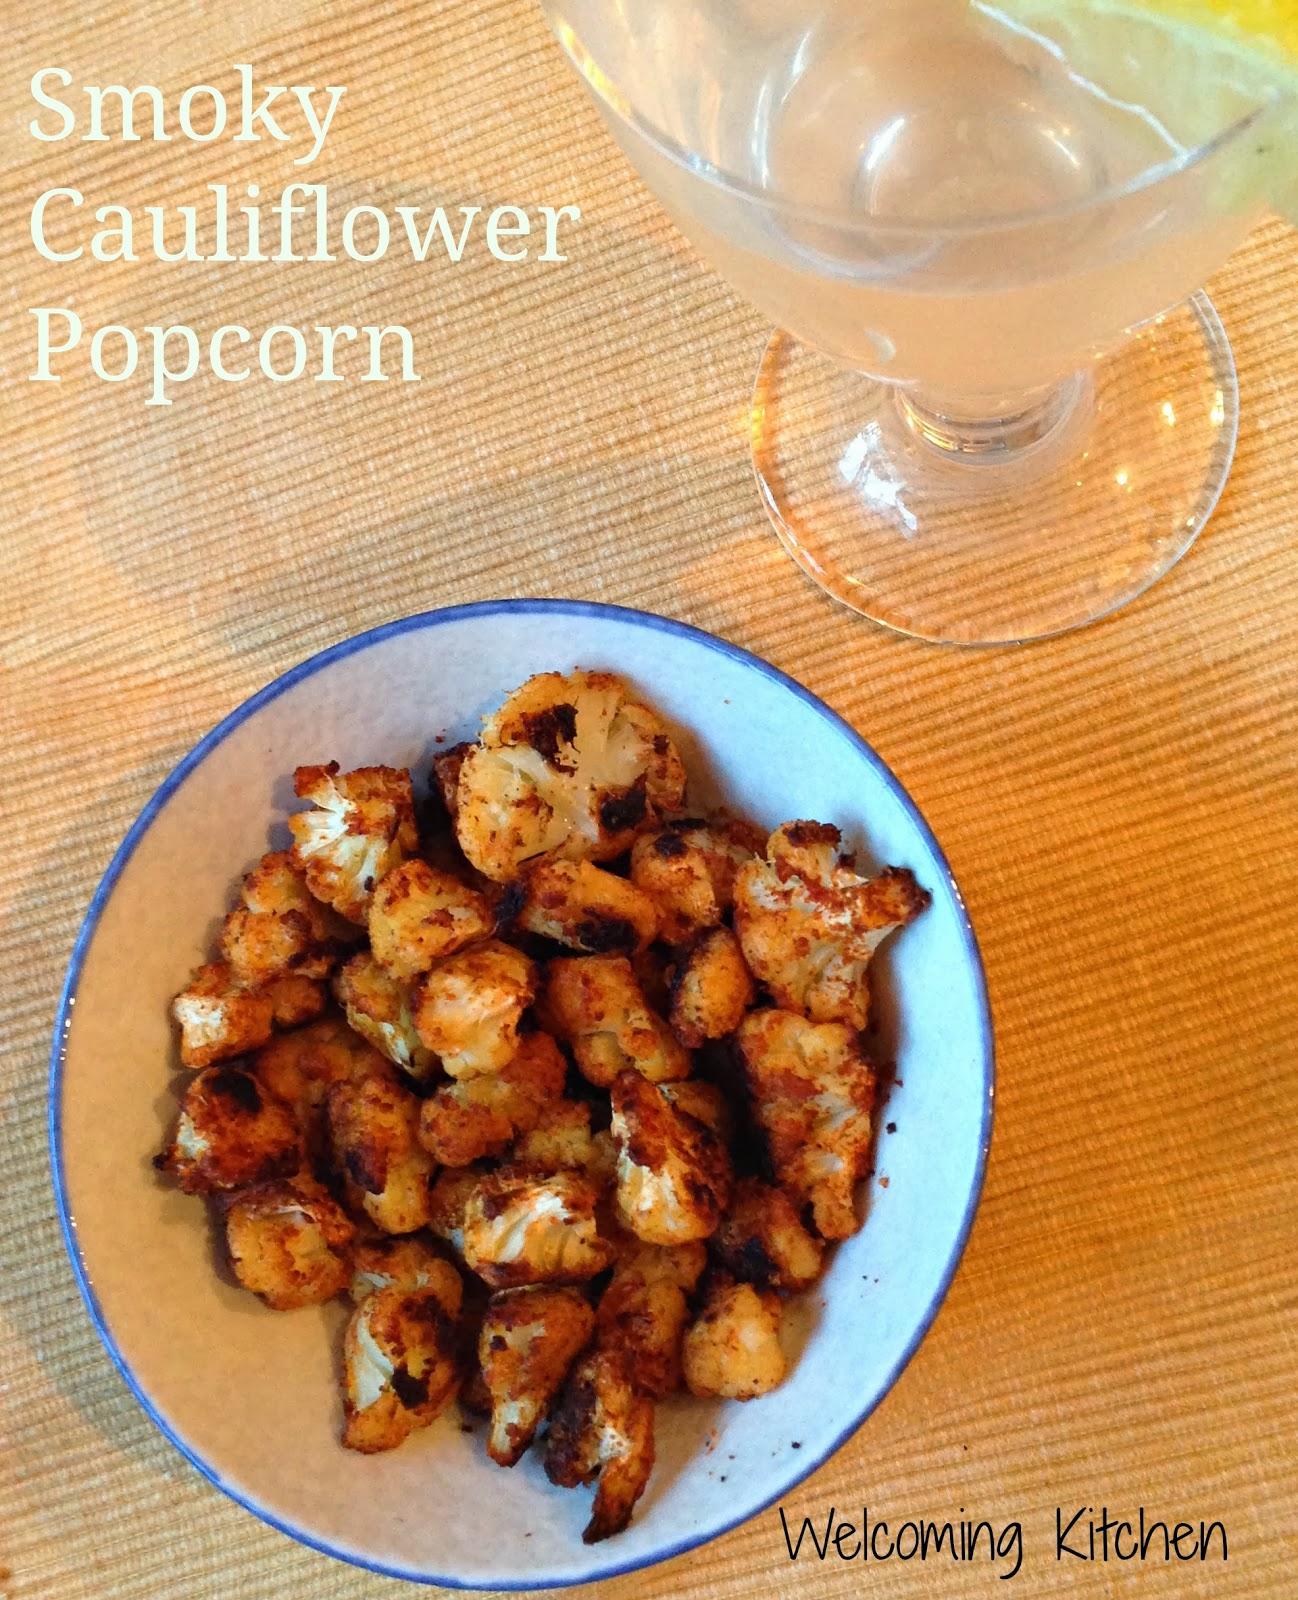 vegan glutenfree allergen-free cauliflowe popcorn